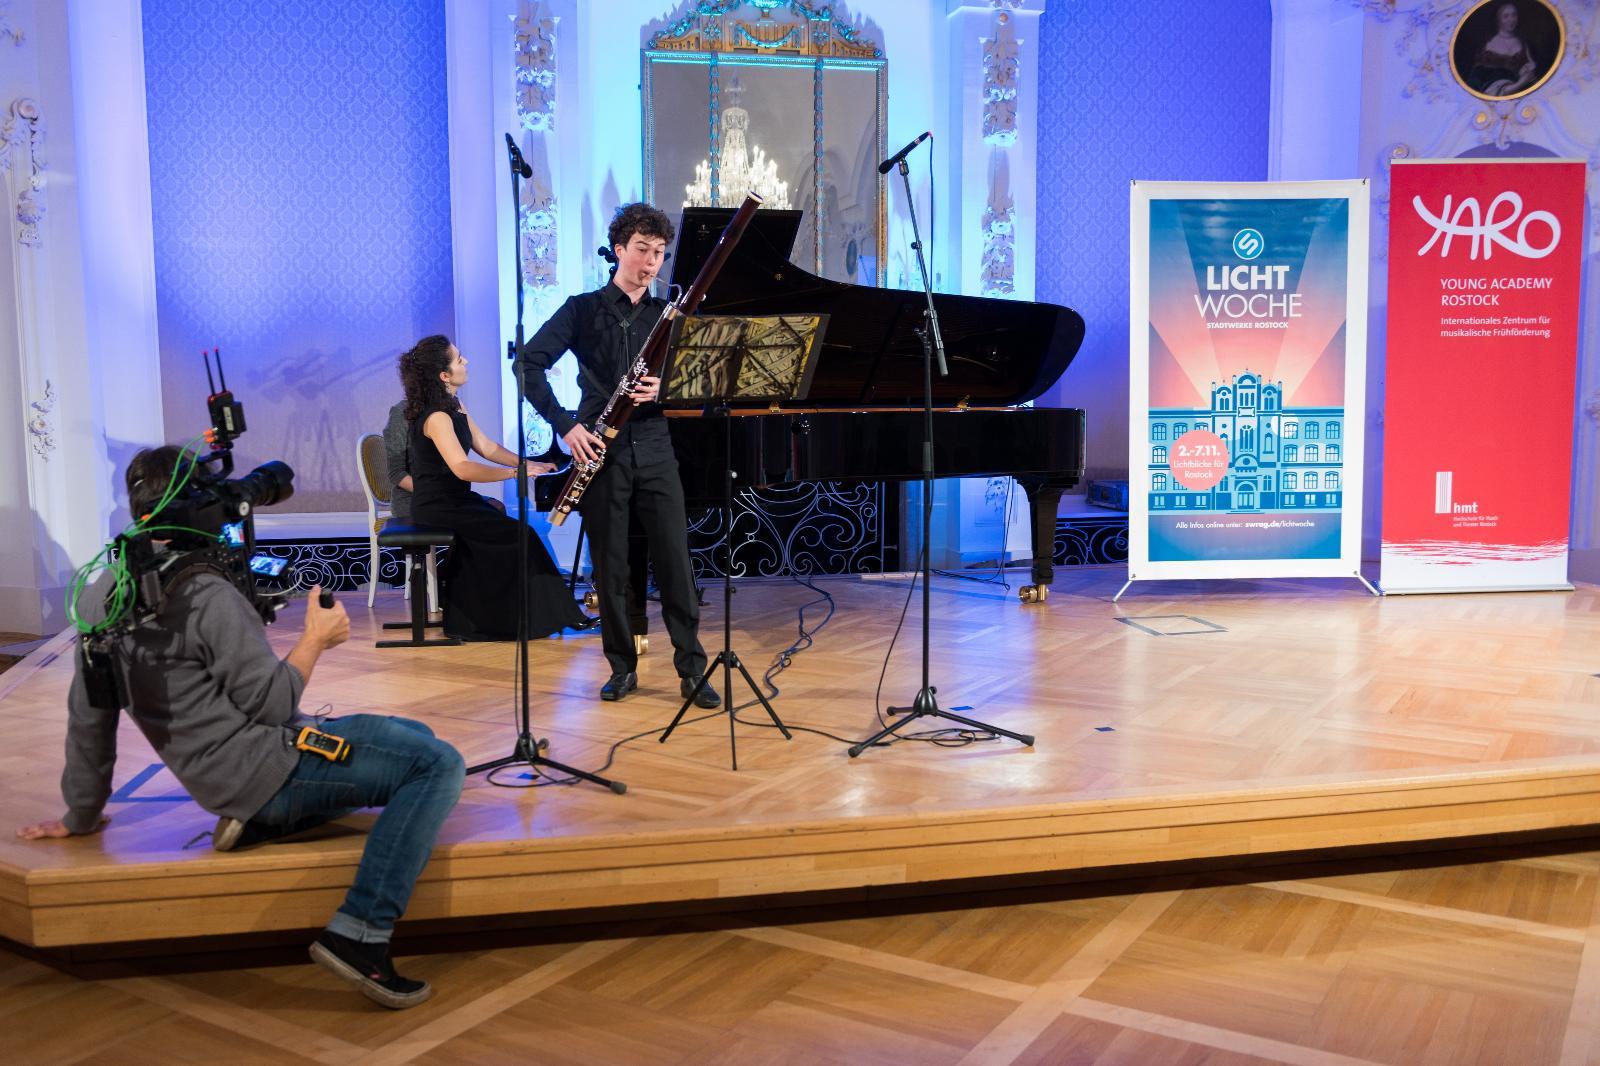 Tradition während der Lichtwoche: Das Benefizkonzert zusammen mit der Yaro. Foto: Margit Wild